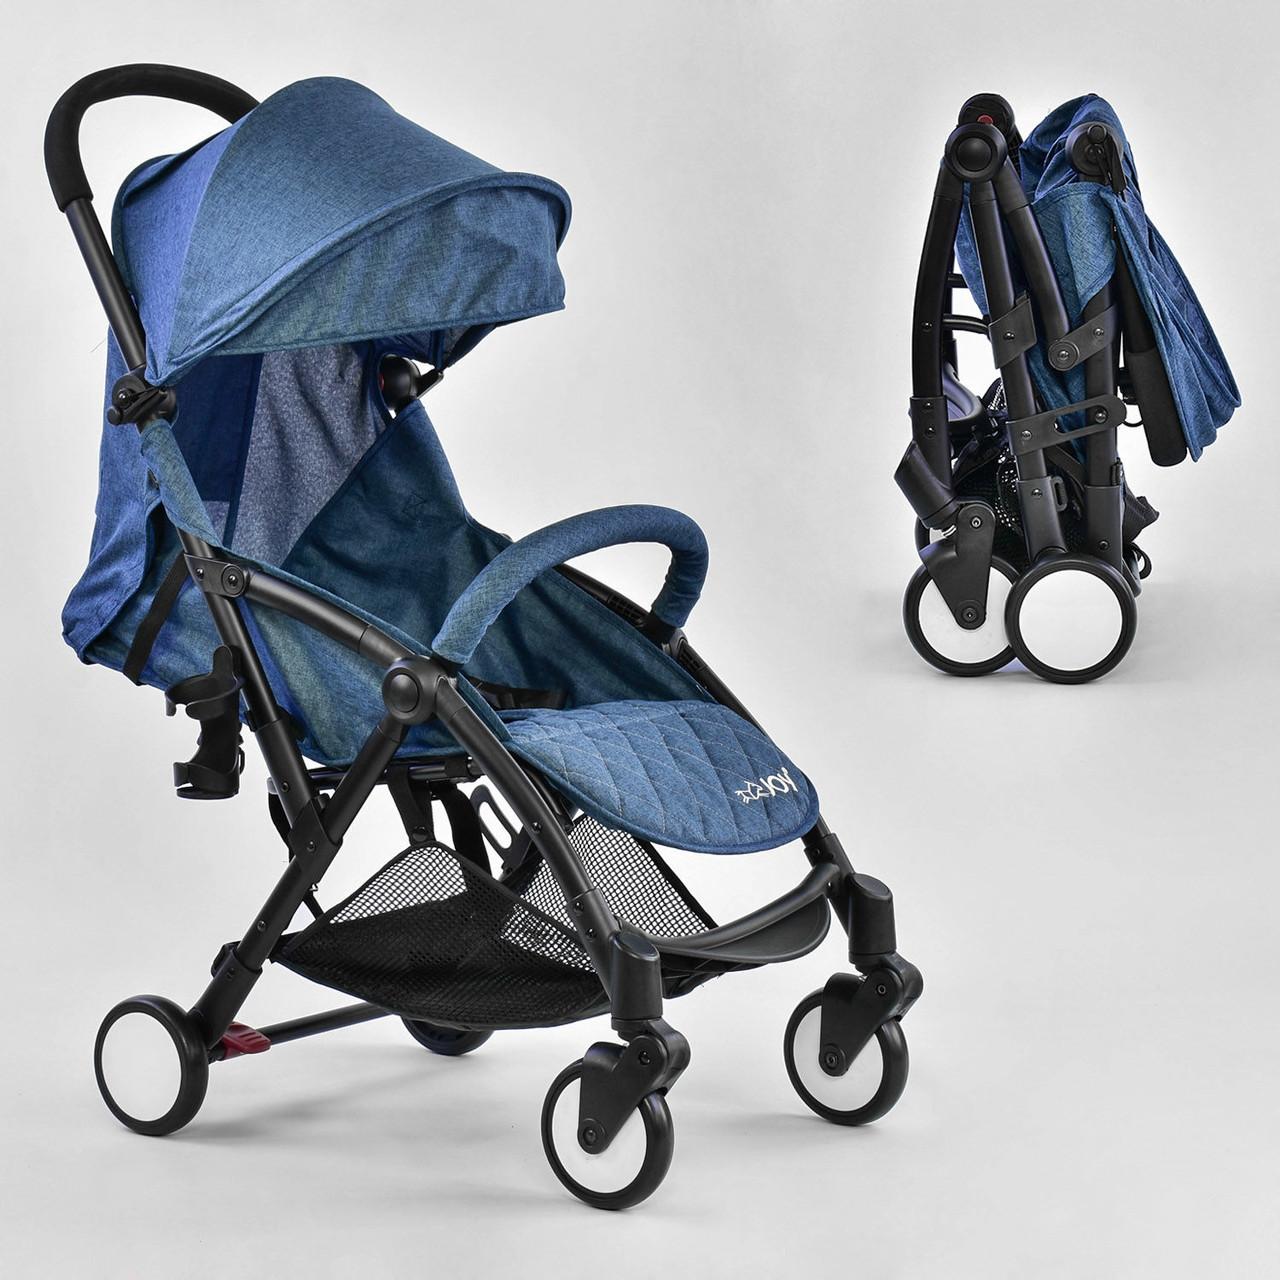 Коляска прогулянкова дитяча для хлопчиків JOY W 5530, синя